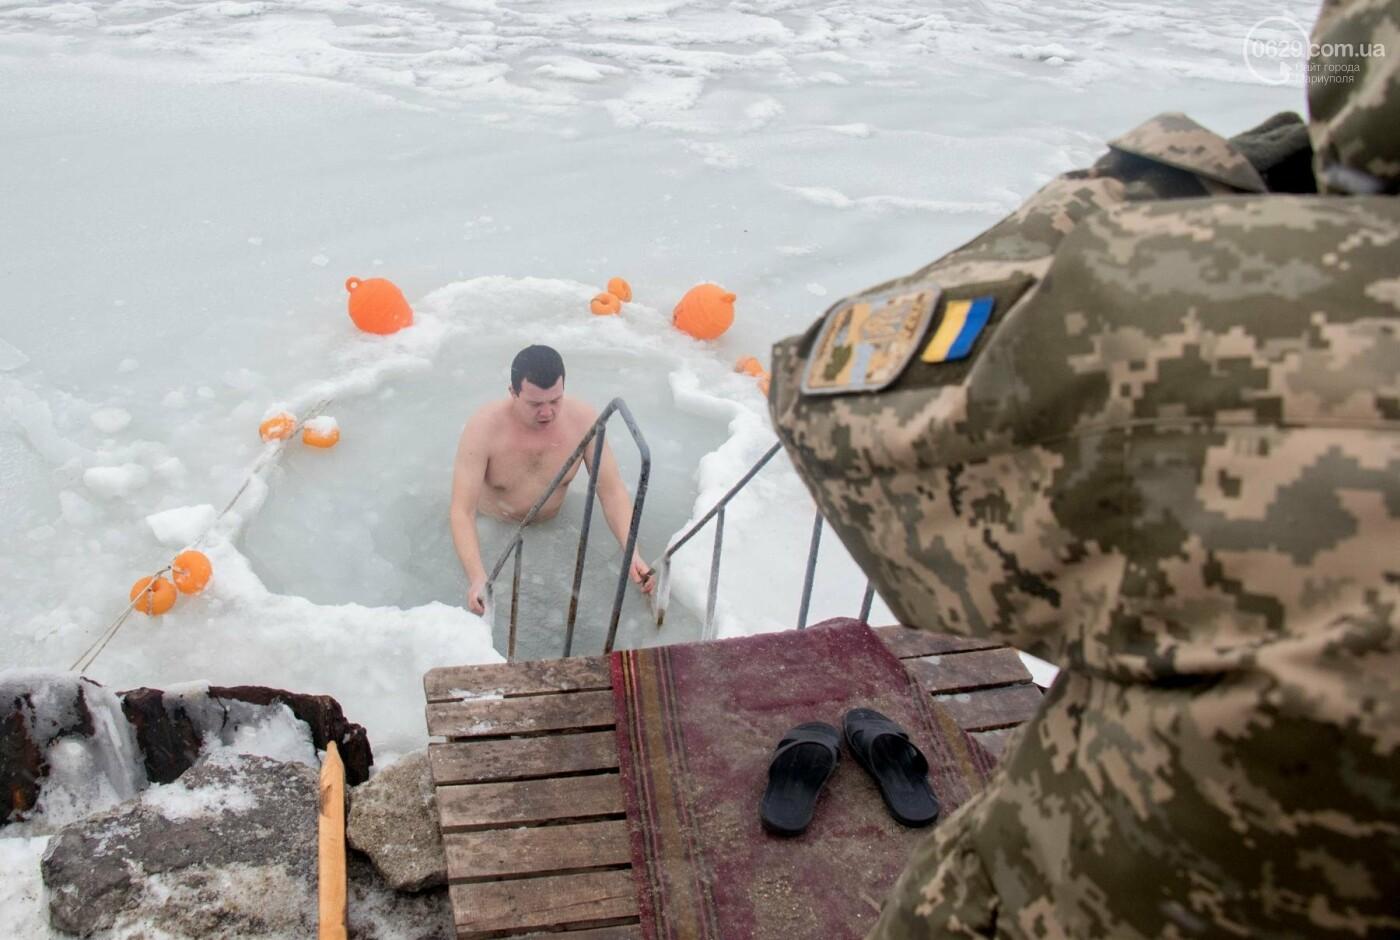 Голые и освященные: крещенский фоторепортаж 0629.com.ua, фото-4